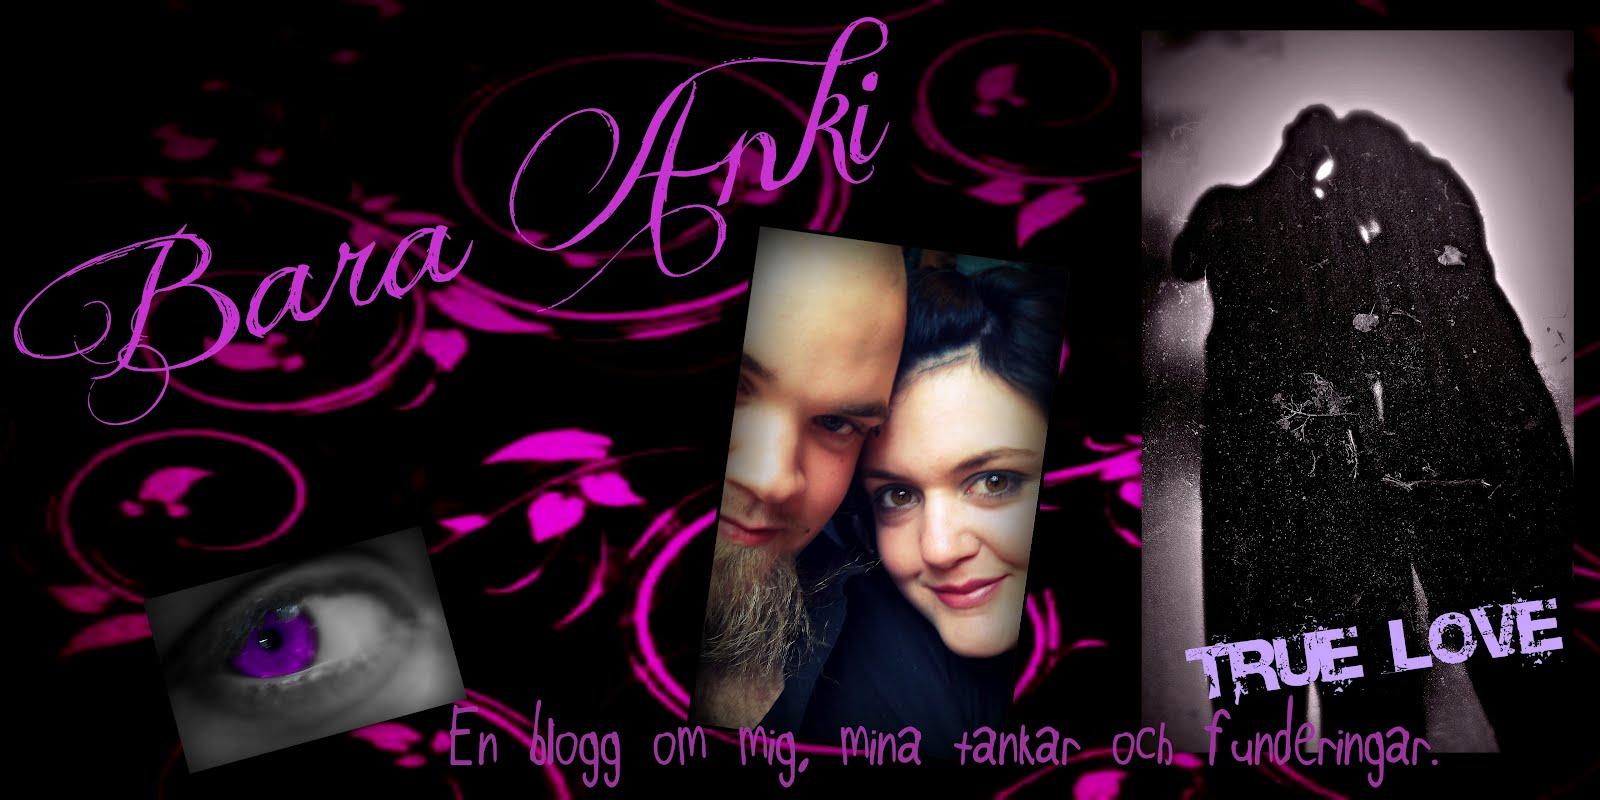 Bara Anki